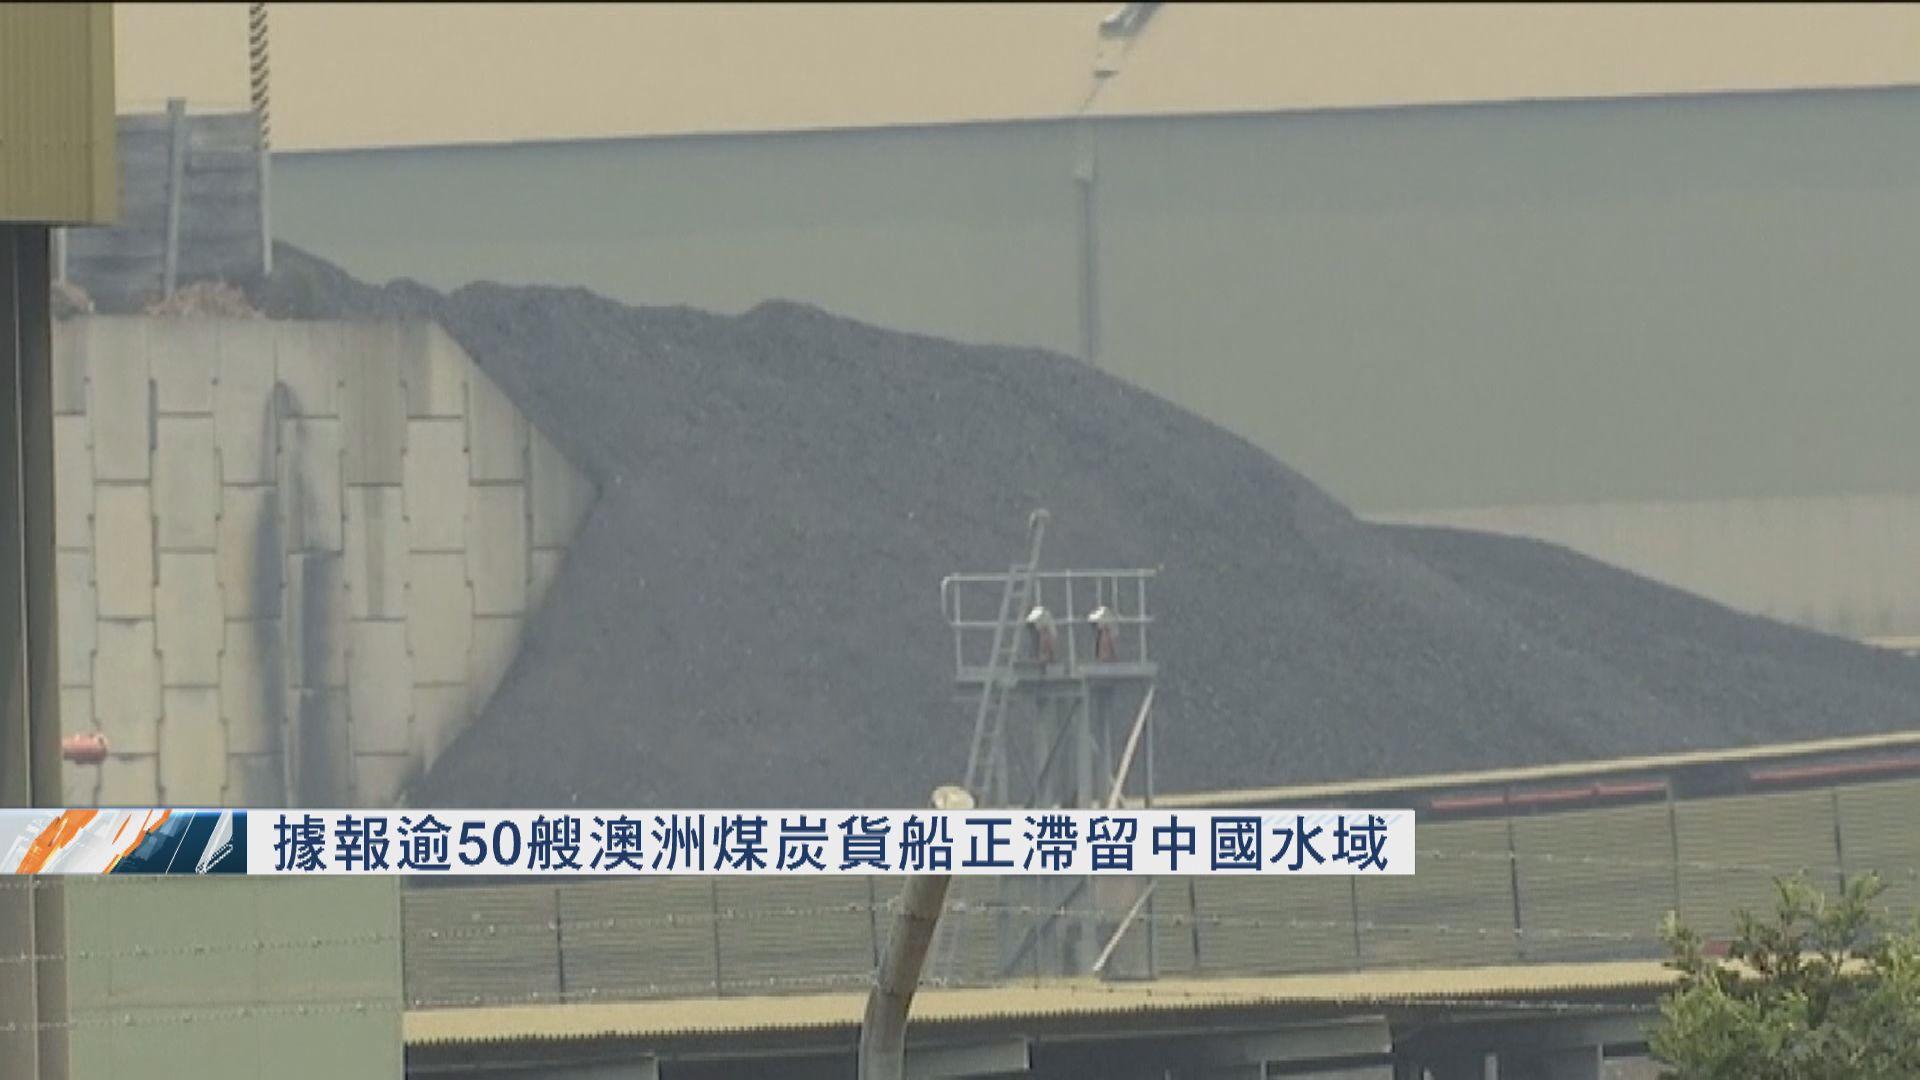 據報逾50艘澳洲煤炭貨船正滯留中國水域